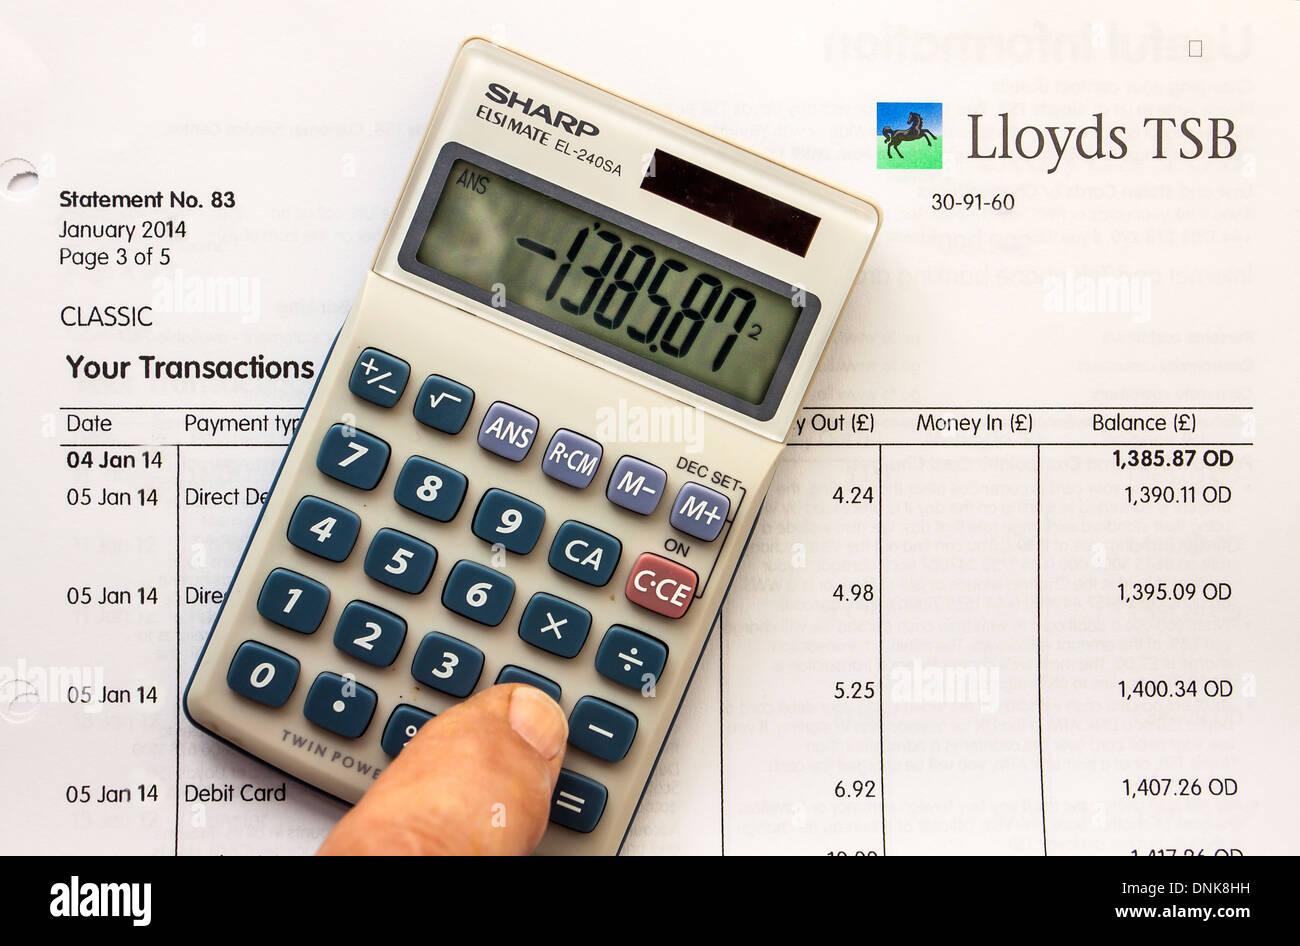 Overdrawn January 2014 Lloyds Bank Statement - Stock Image